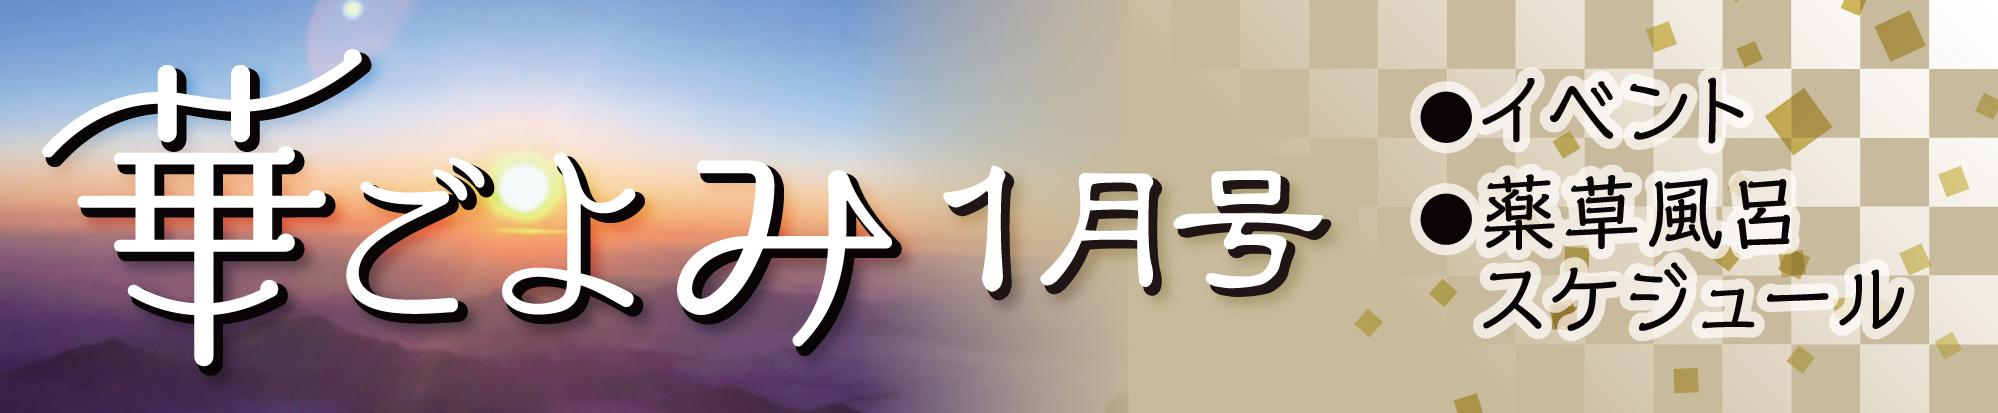 1月_華ごよみバナー